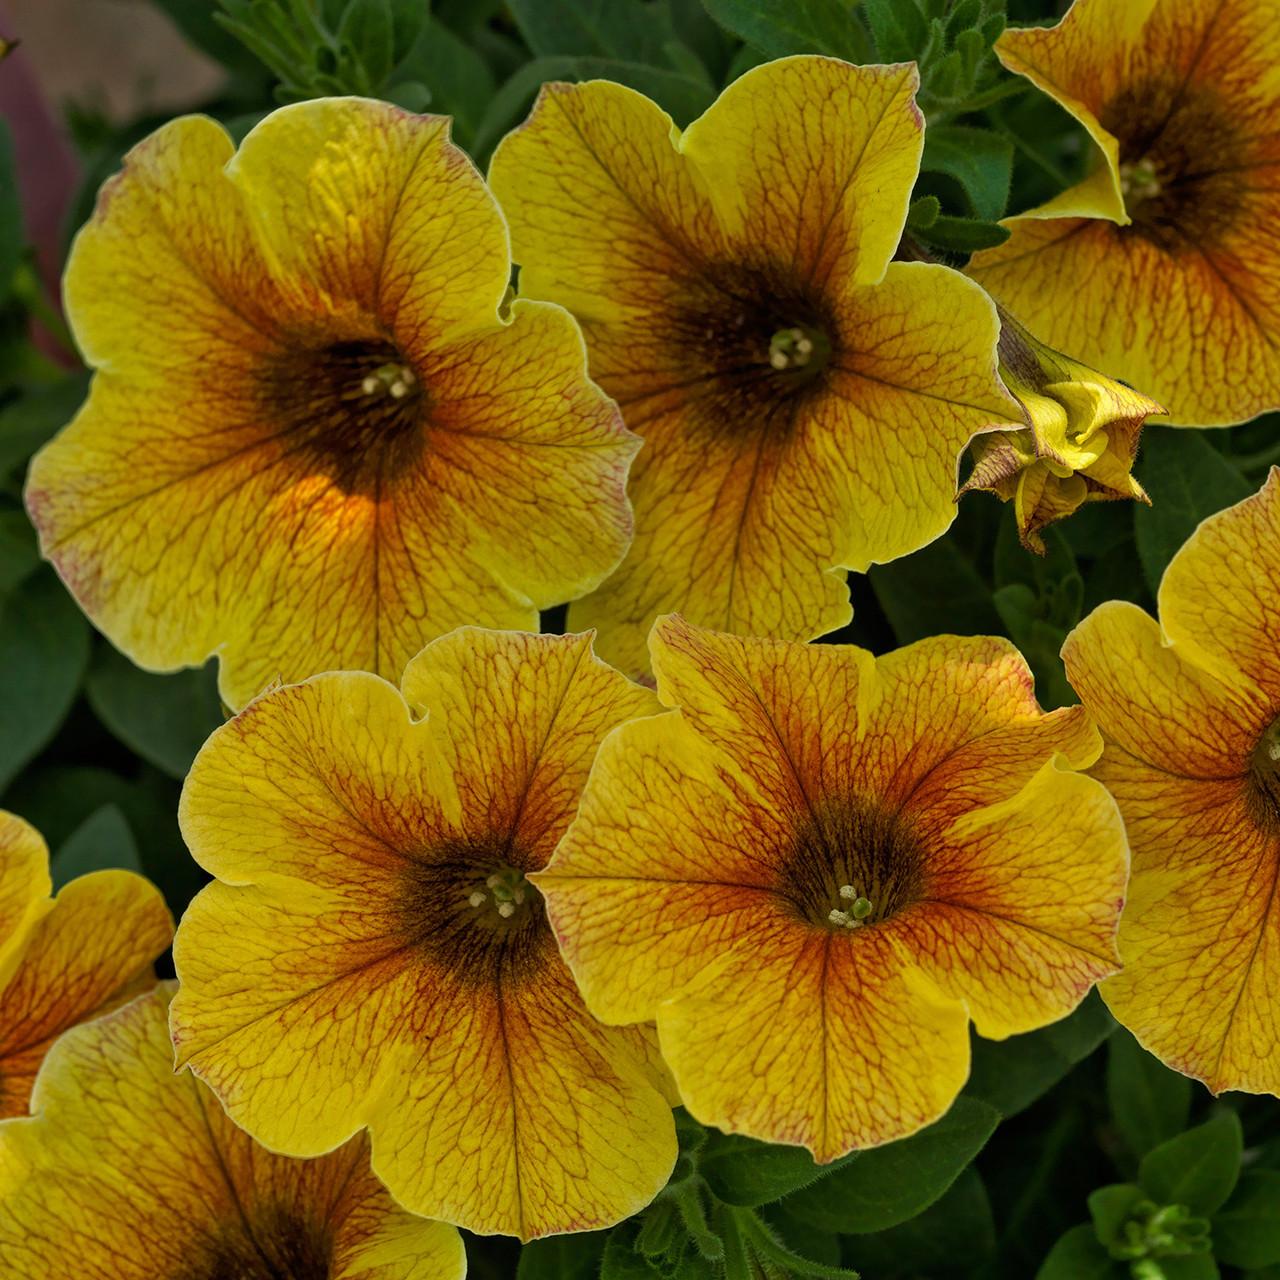 Petchoa BeautiCal Caramel Yellow подрощенное растение